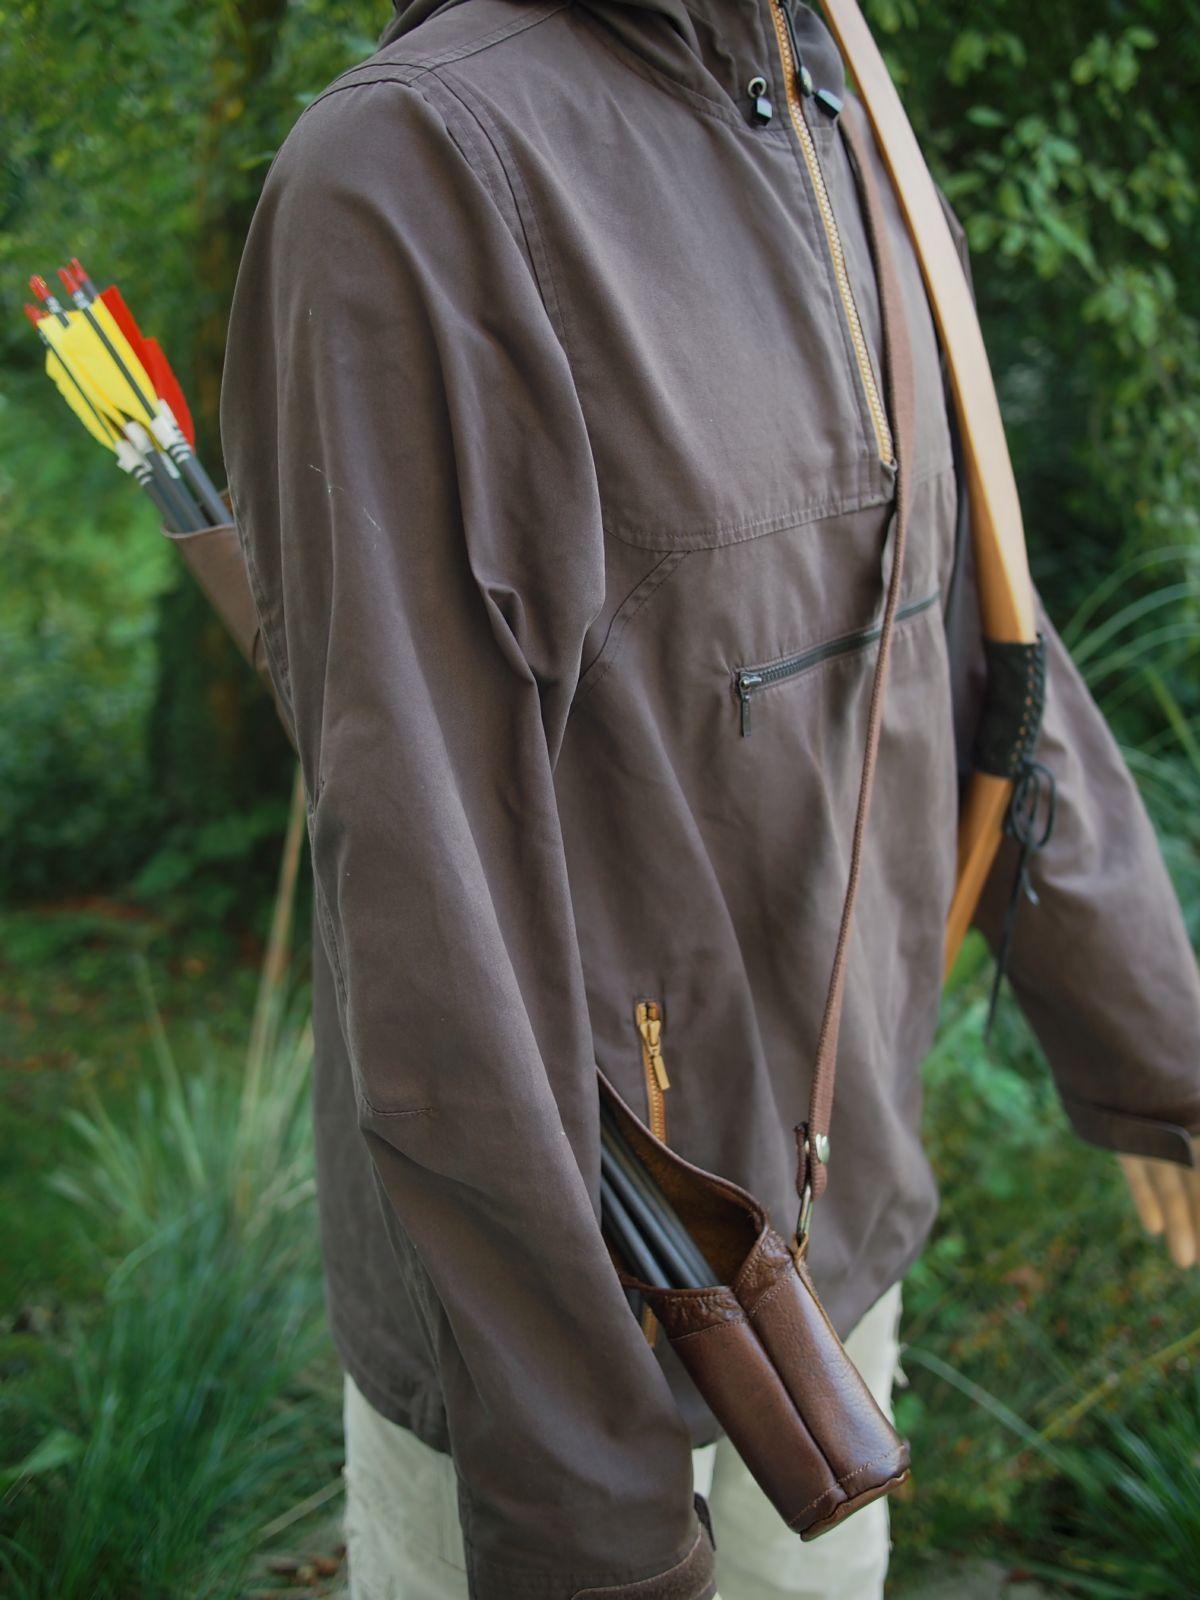 Upshot Archery Sidedraw Quiver - Seiten- oder Rückenköcher